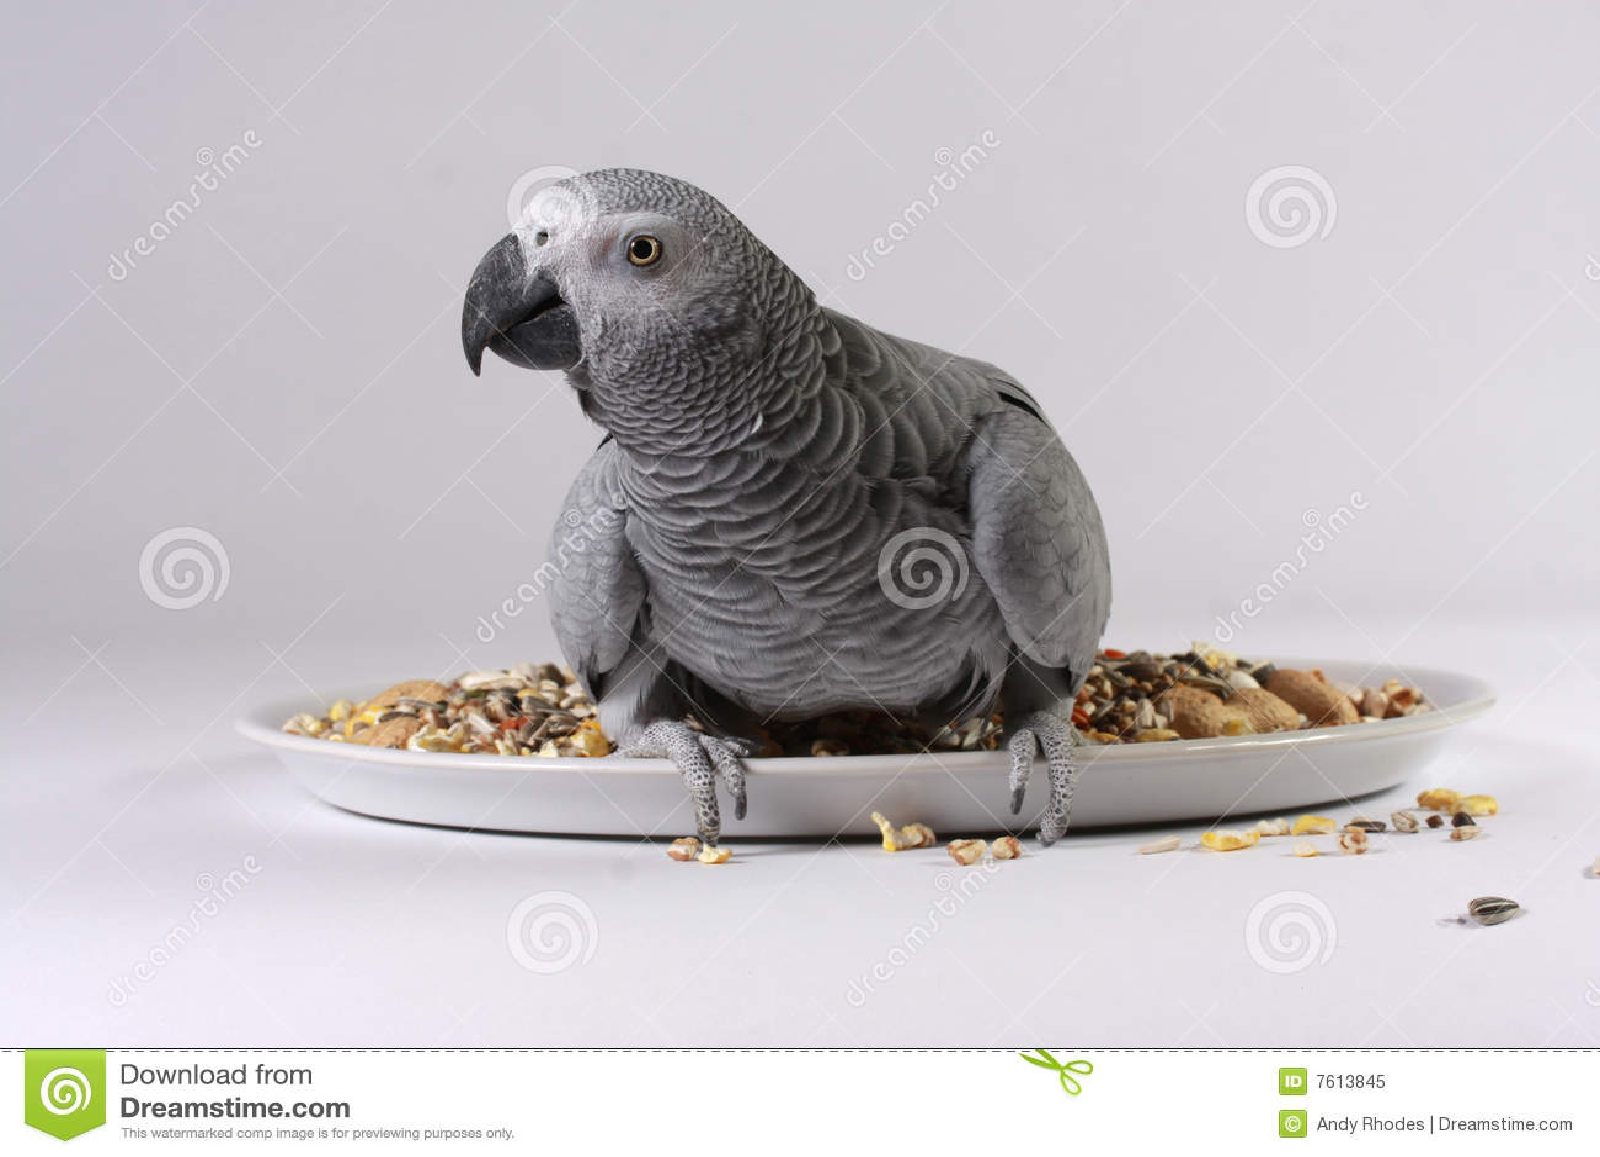 非洲人般的灰色鹦鹉种子